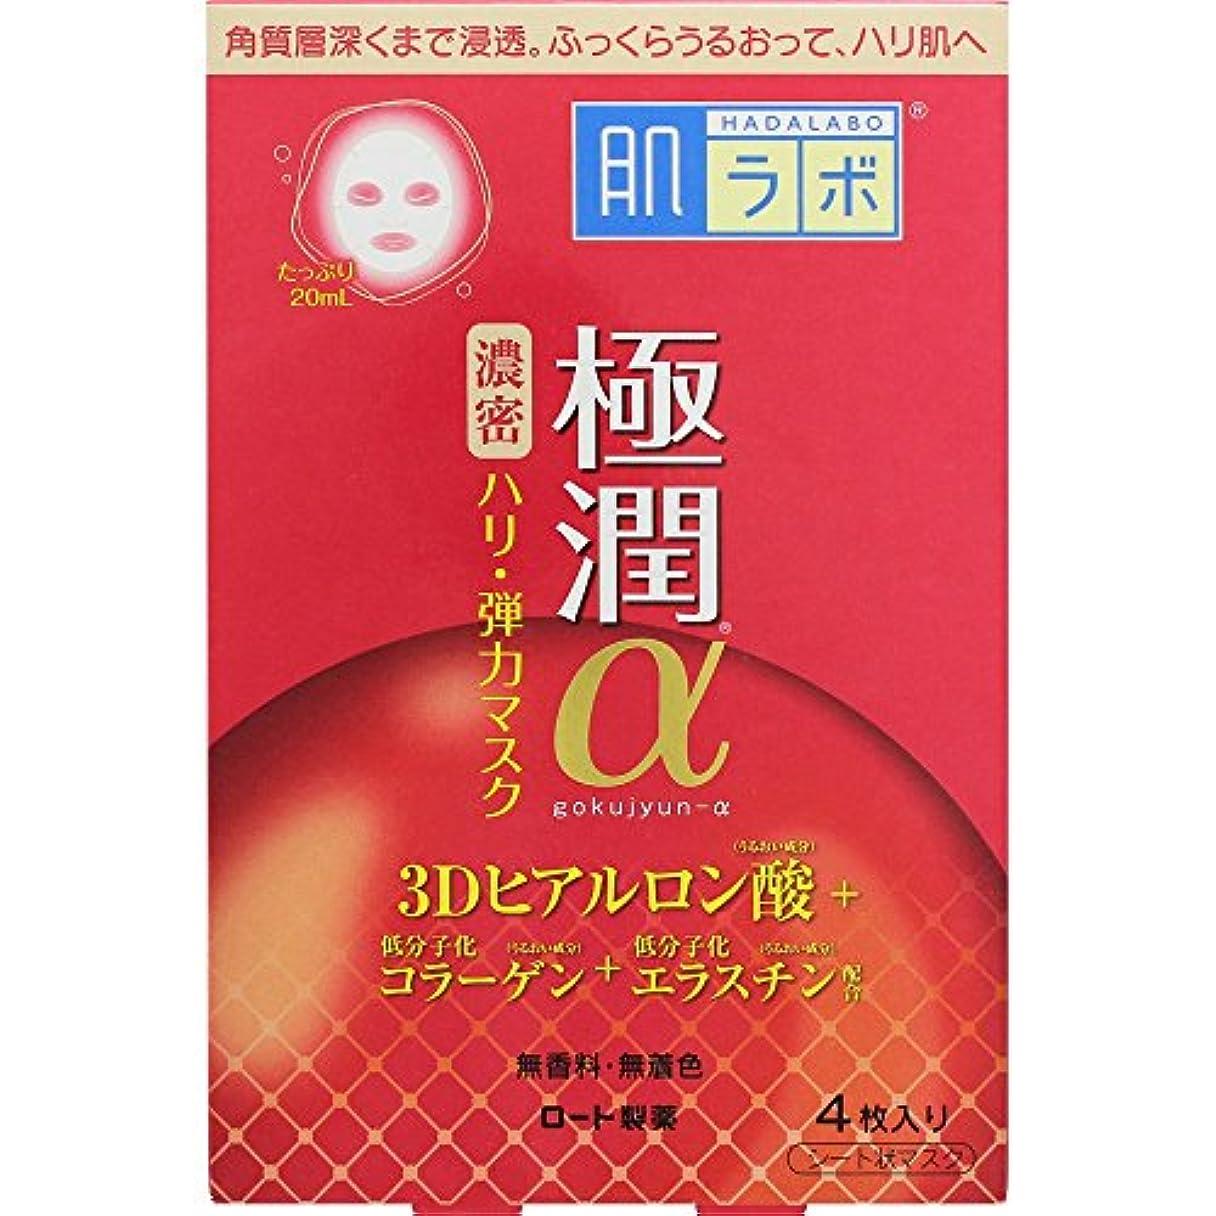 発表する入手します楽しませる肌ラボ 極潤α スペシャルハリマスク 3Dヒアルロン酸×低分子化コラーゲン×低分子化エラスチン配合 4枚